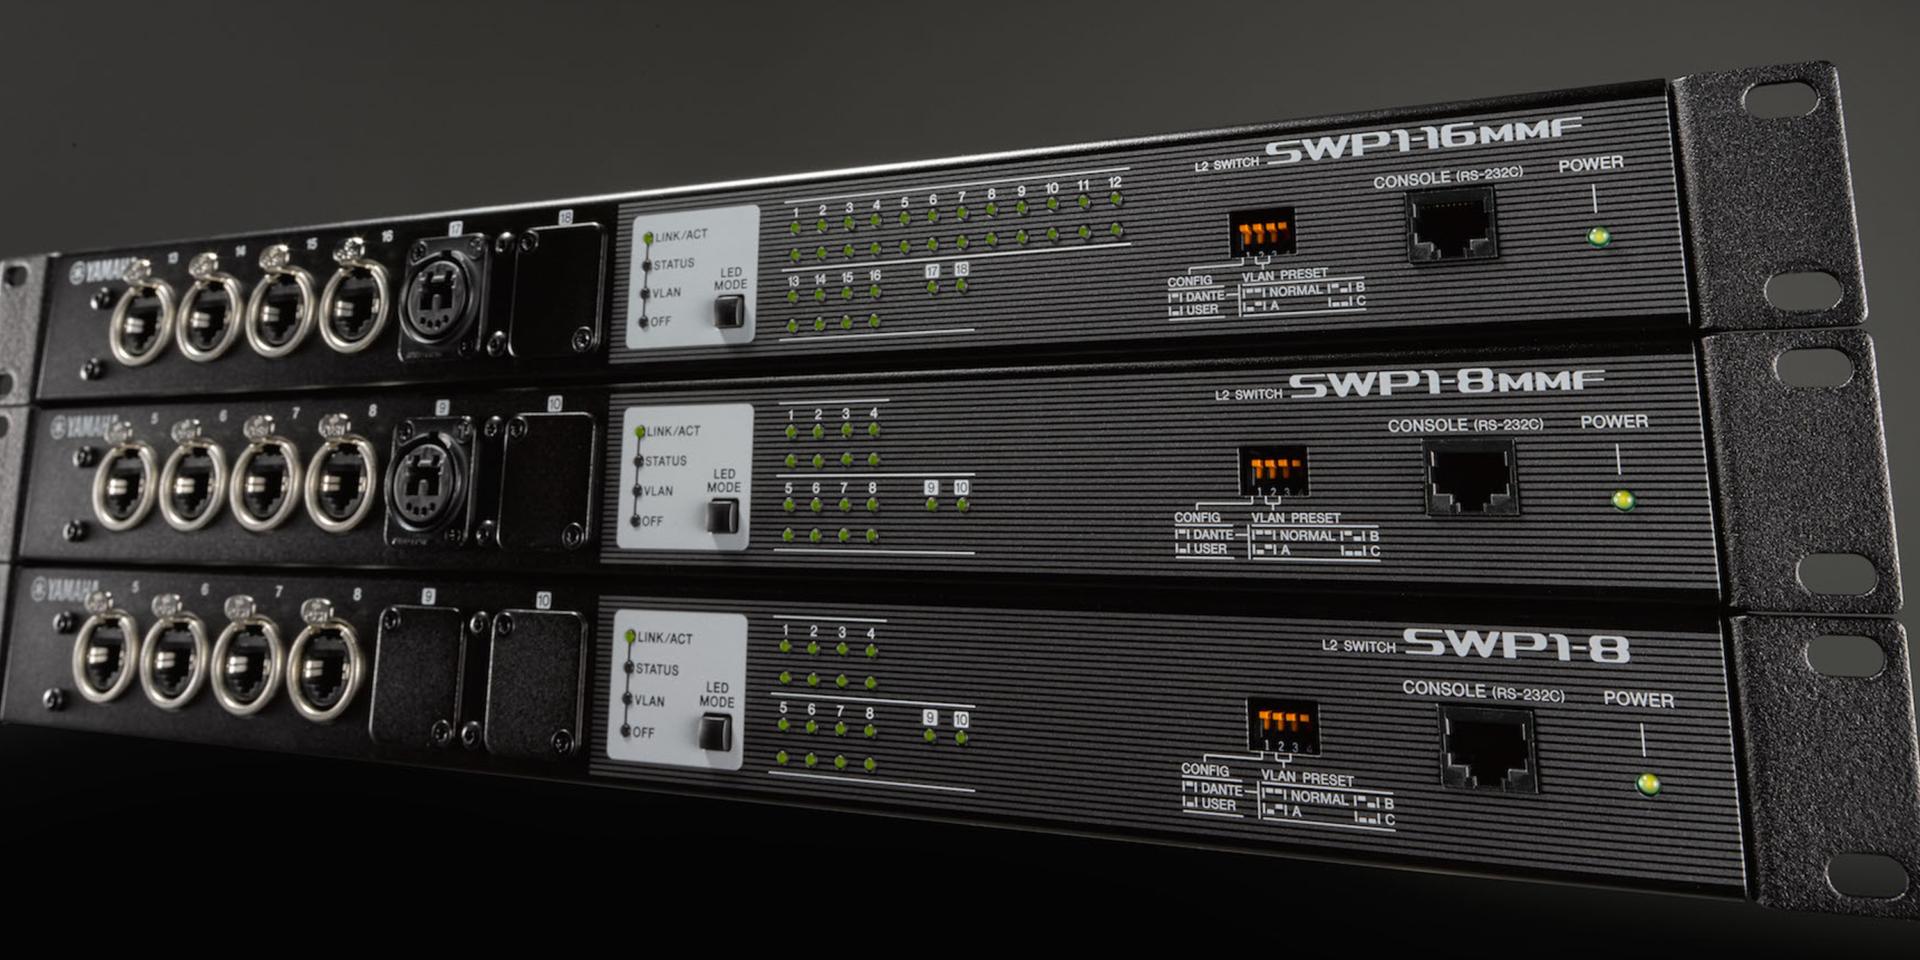 Gli switch di rete della serie SWP1 sono la soluzione che il mercato dell'Audio Pro stava aspettando. Offrendo una serie di preset già programmati e richiamabili tramite Dip Switch, l'installazione, il monitoraggio e il funzionamento della rete network Dante diventerà più semplice, immediata e sicura.